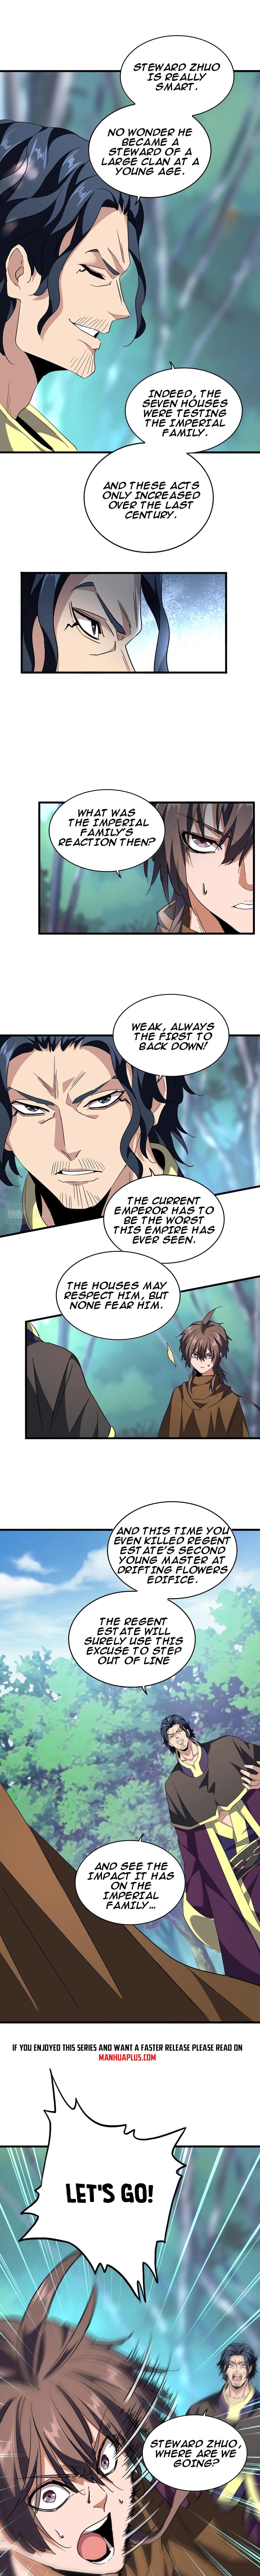 Magic Emperor Chapter 206 page 5 - Mangakakalots.com